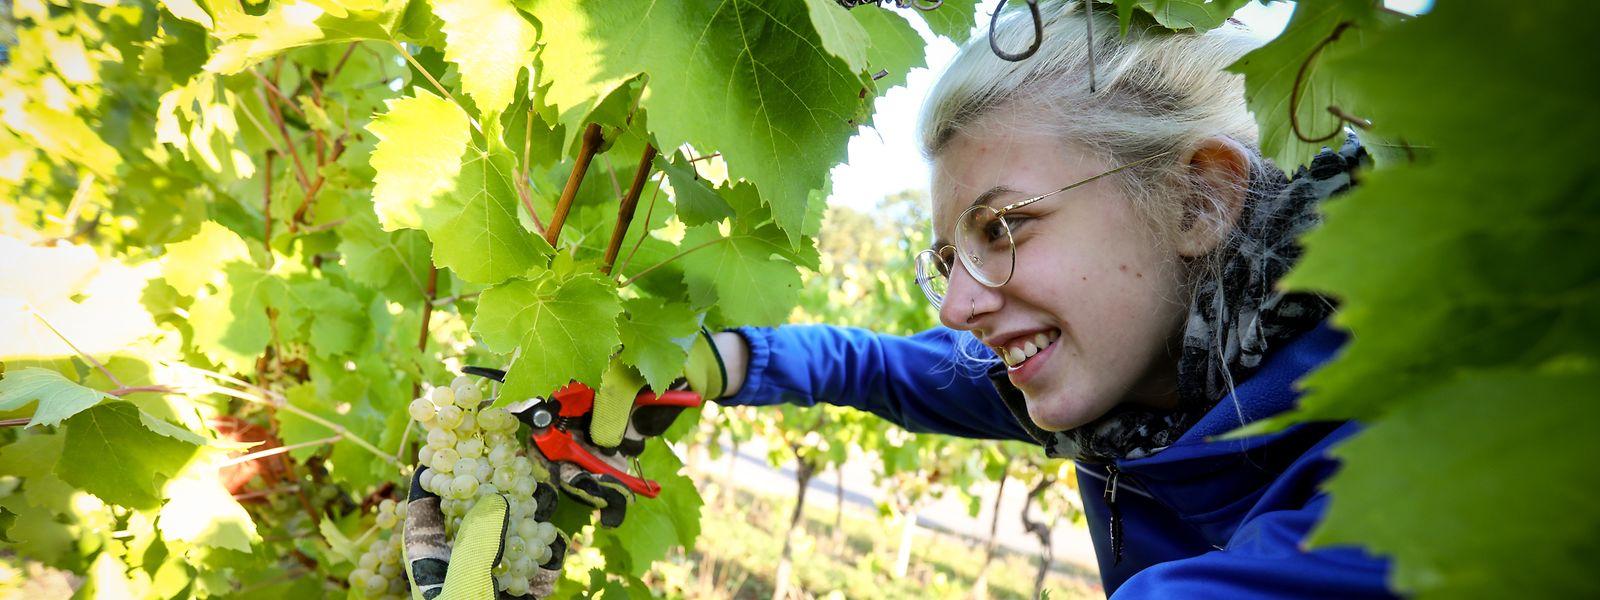 Die luxemburgische Studentin Michelle hilft in Schengen bei der Traubenlese.